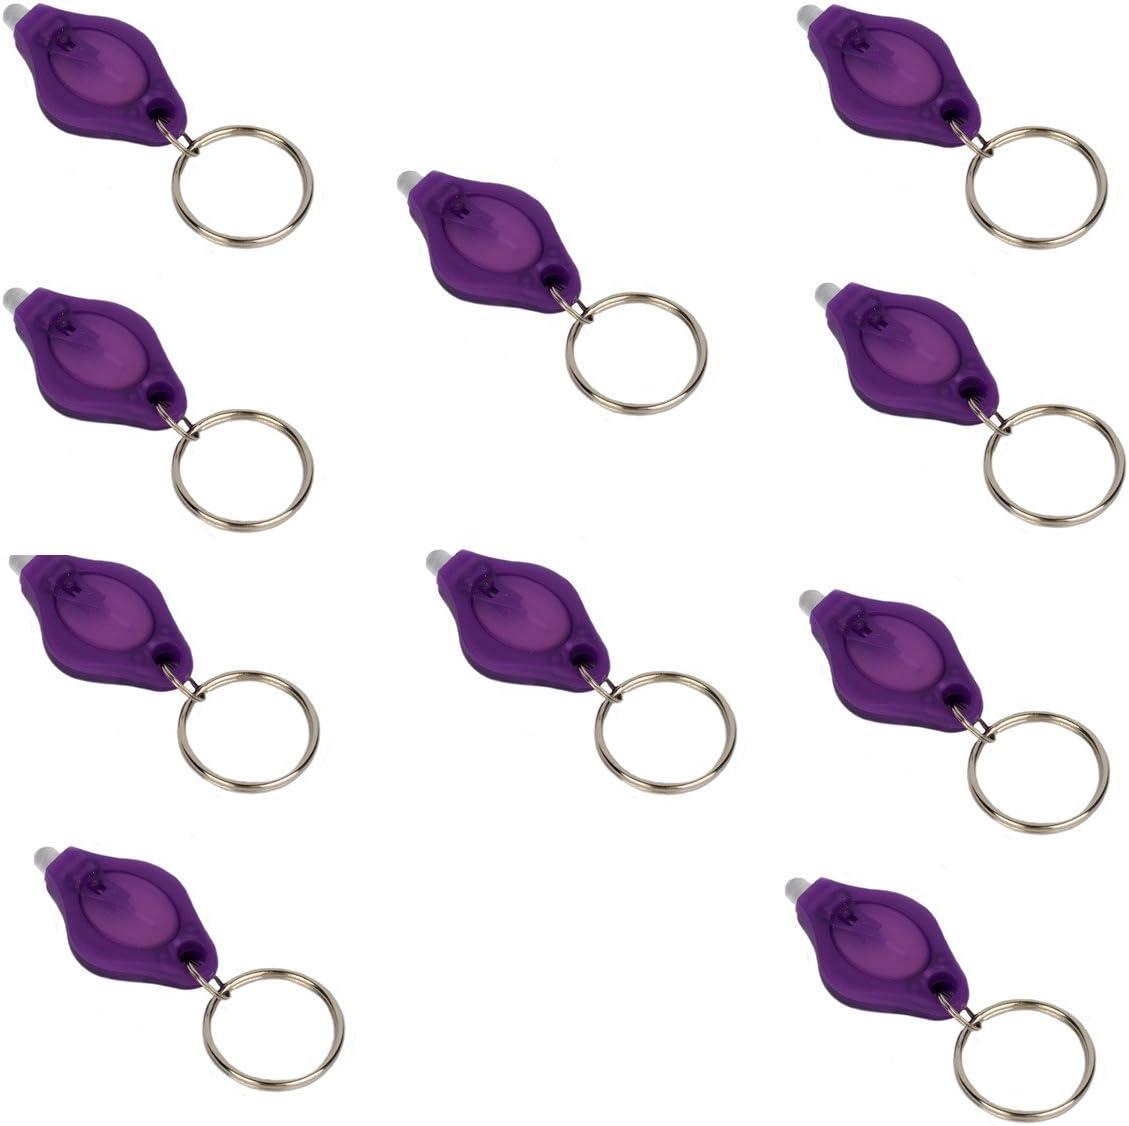 10pcs Keychain UV LED Licht Taschenlampe Ultra Bright Purple Lightweight W3D5